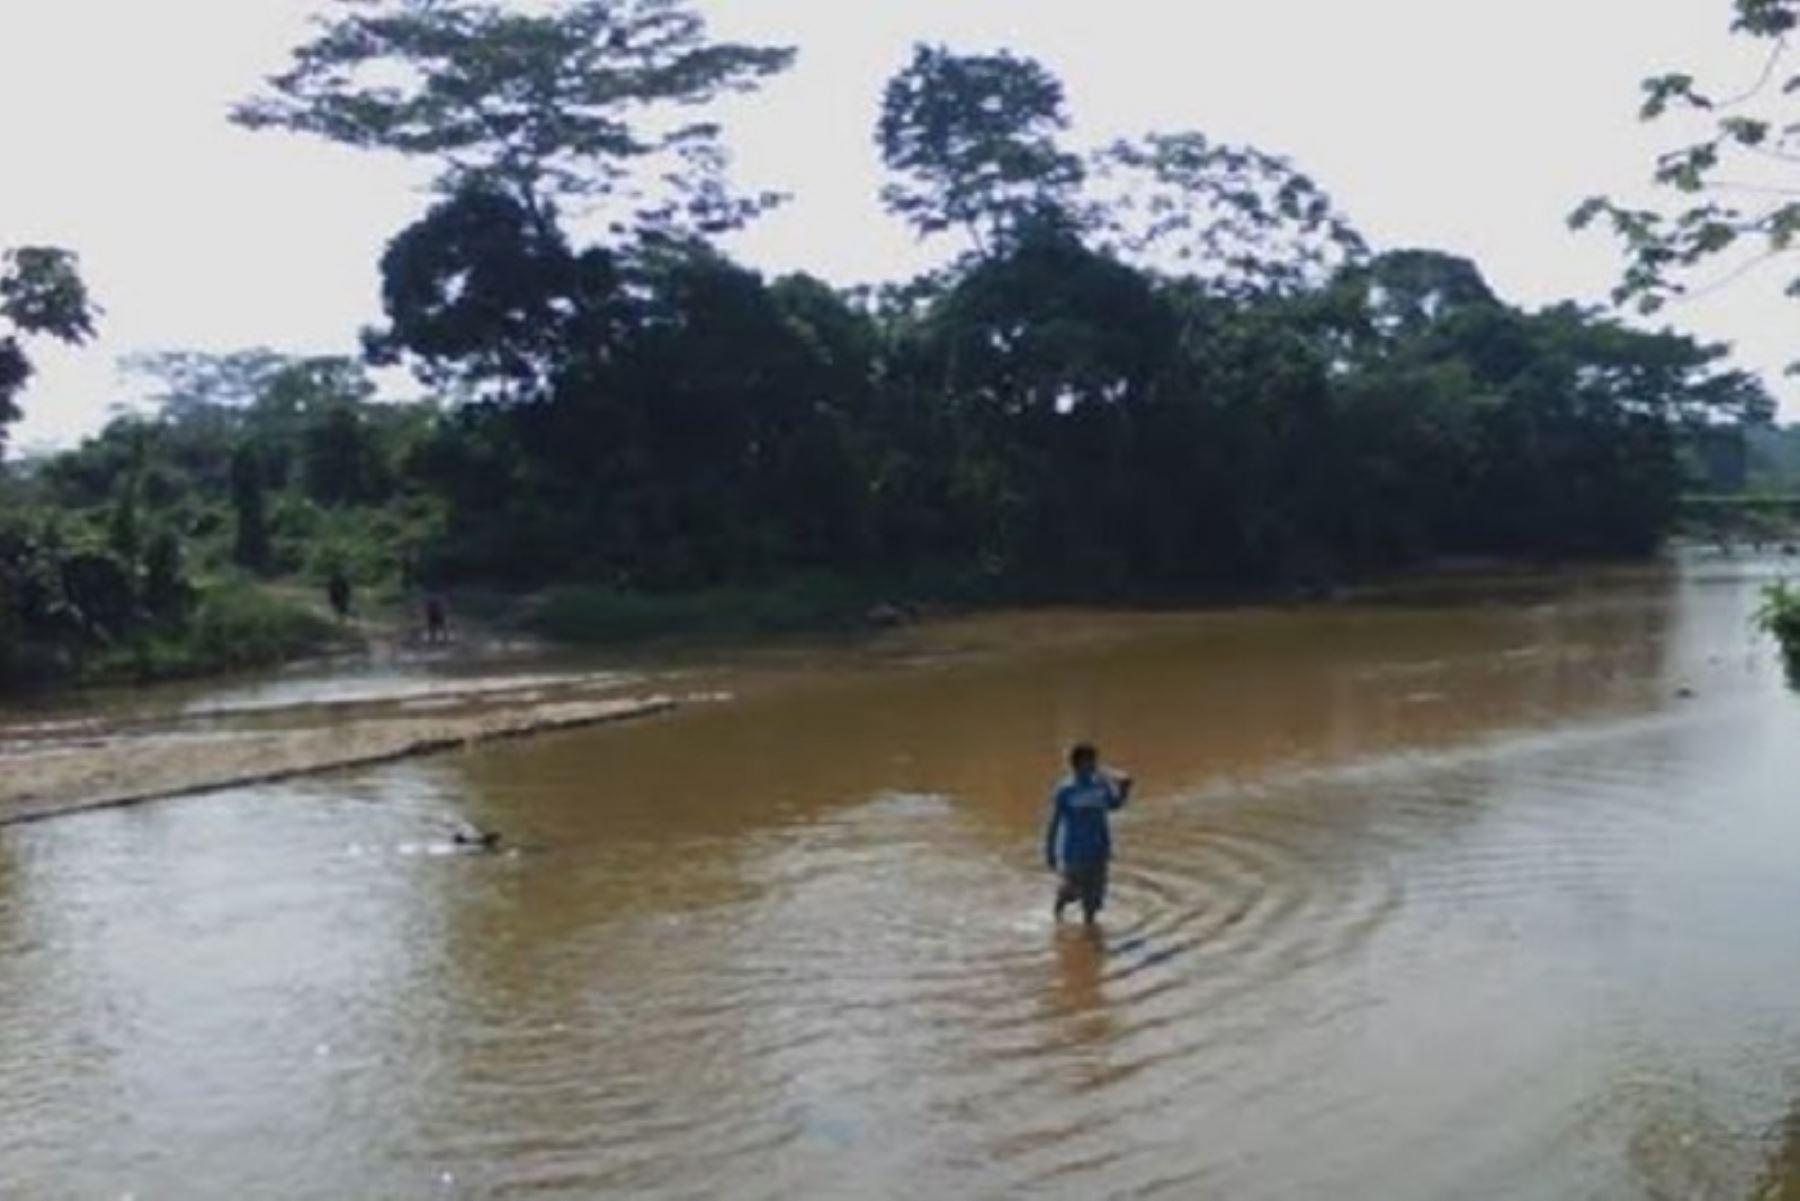 El nivel de agua de los ríos Huallaga y Marañón descendió en las últimas horas y ambos pasaron al estado de alerta amarilla en las estaciones hidrológicas Yurimaguas y San Lorenzo, en la región Loreto, respectivamente, informó el Servicio Nacional de Meteorología e Hidrología (Senamhi) al Centro de Operaciones de Emergencia Nacional (COEN). ANDINA/Difusión